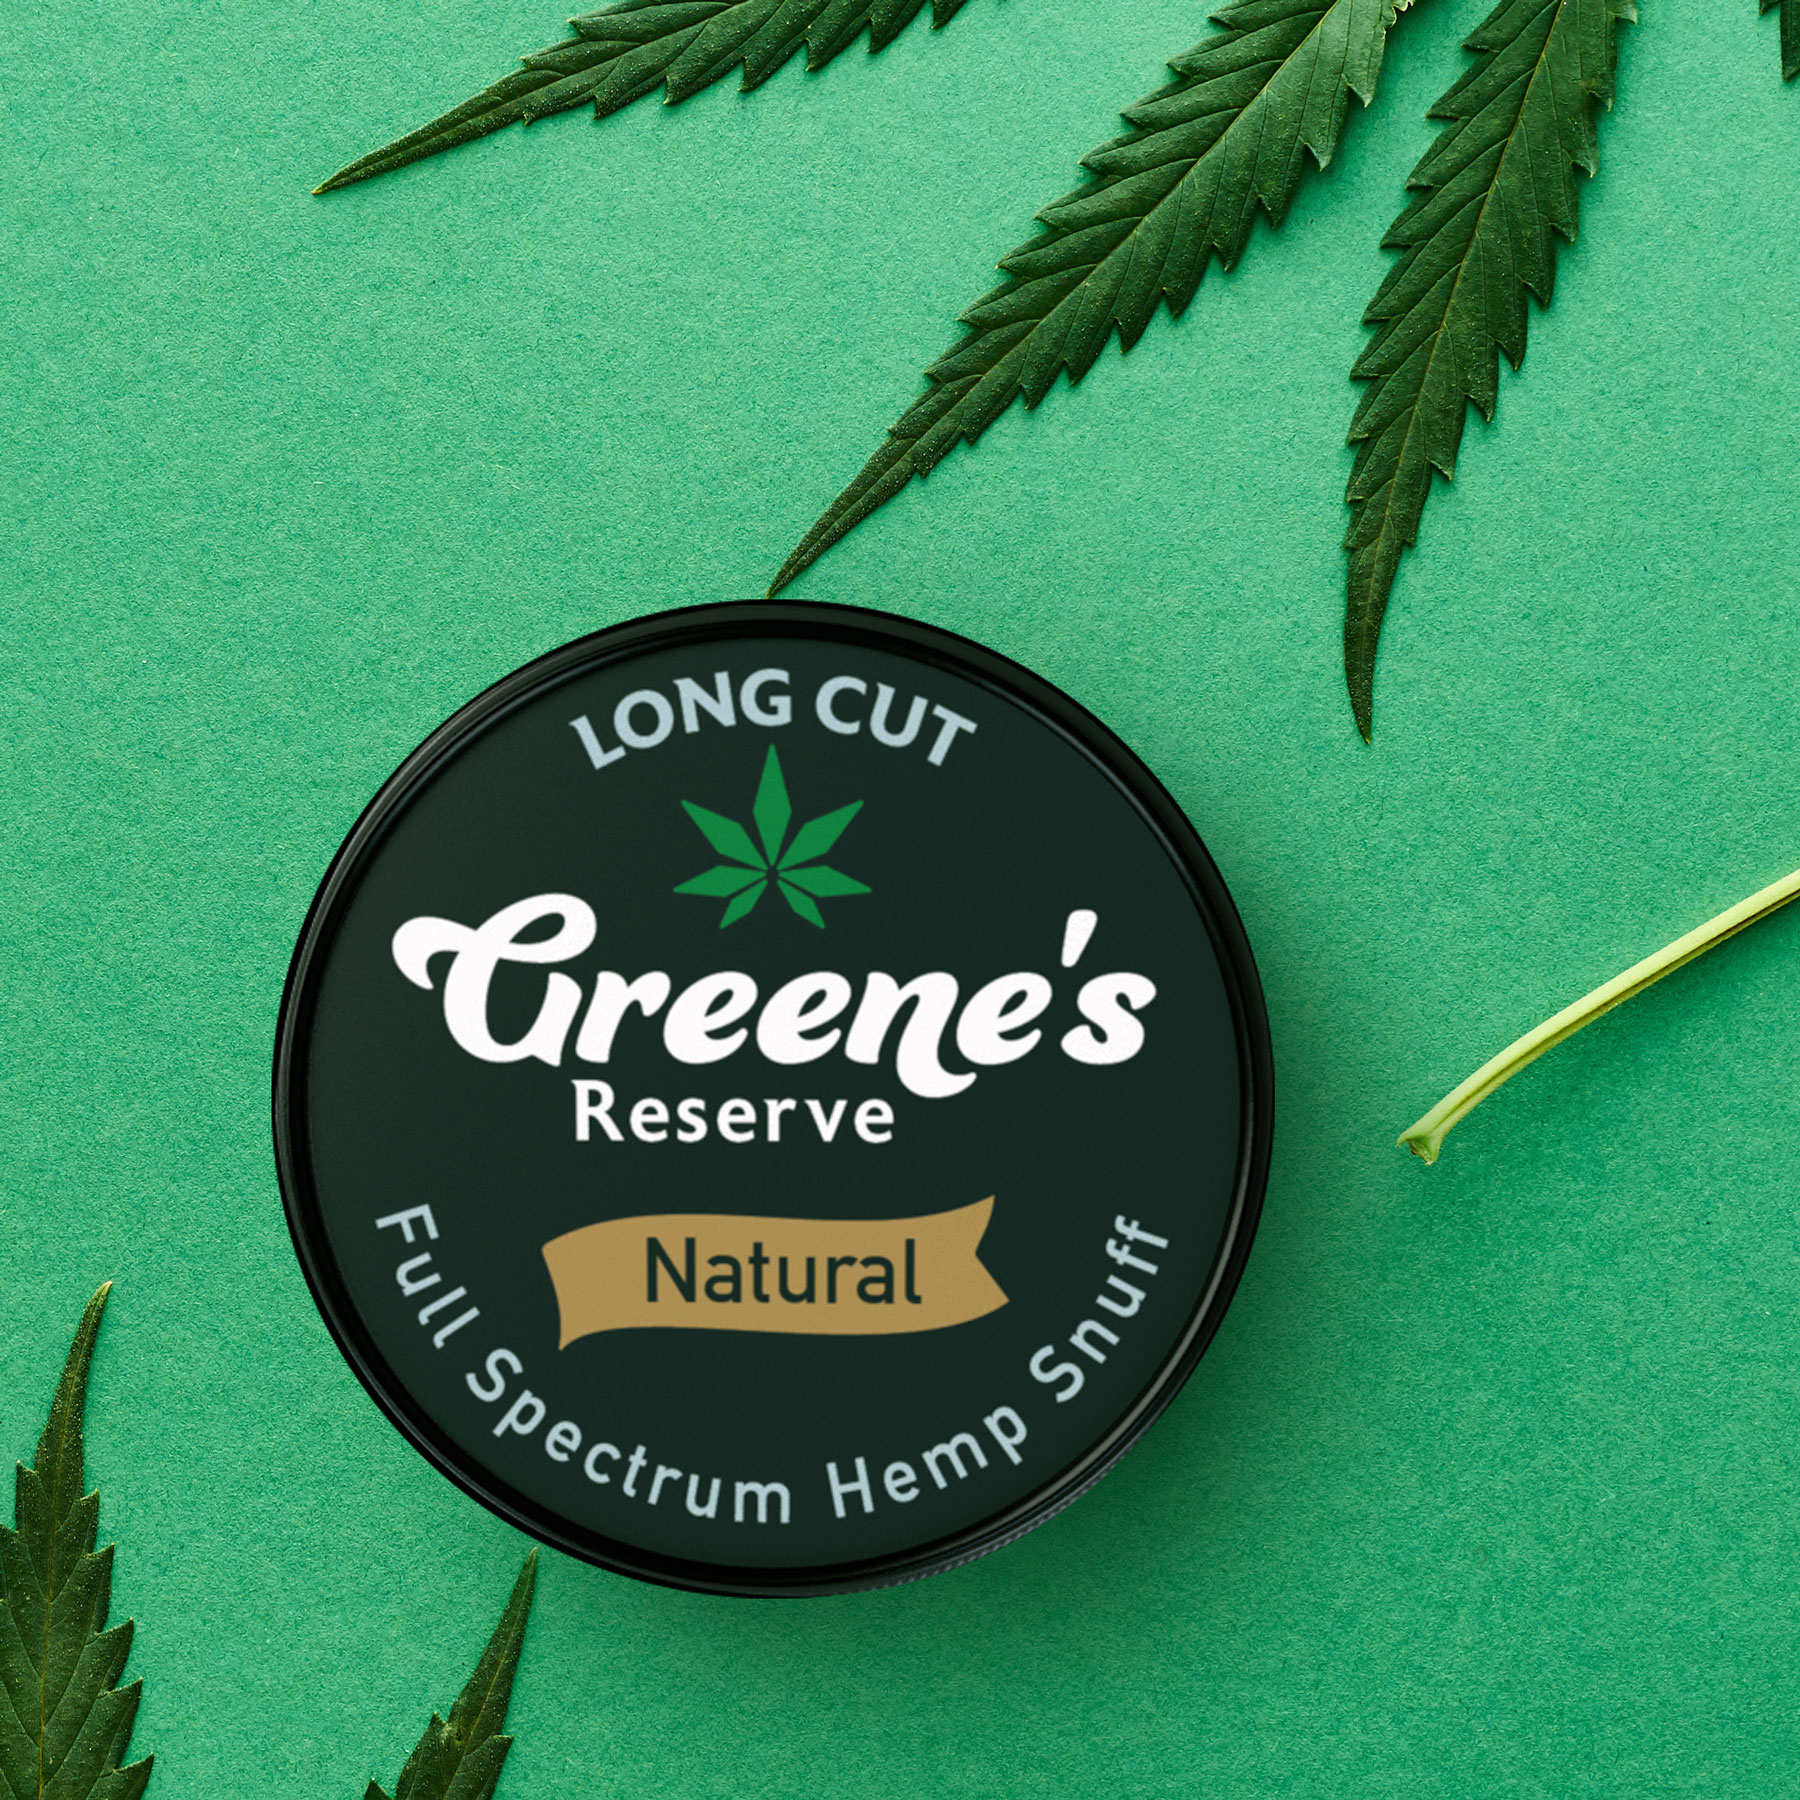 Greene's Reserve Social Media Image